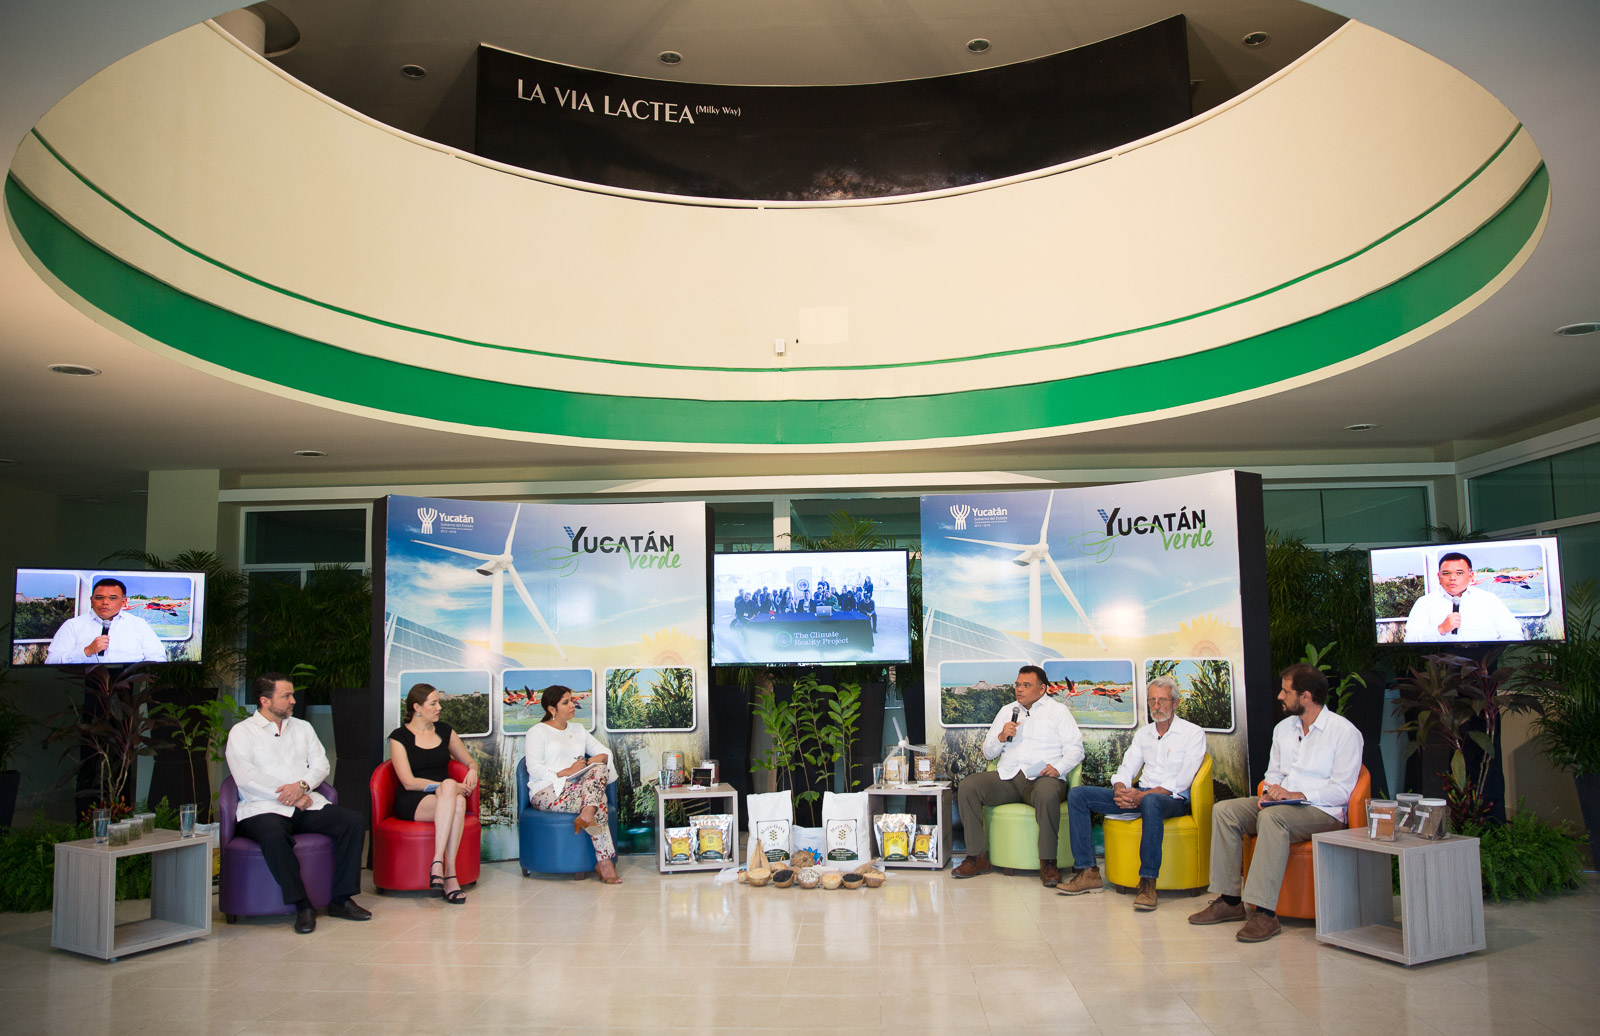 Destaca Yucatán en materia de sustentabilidad